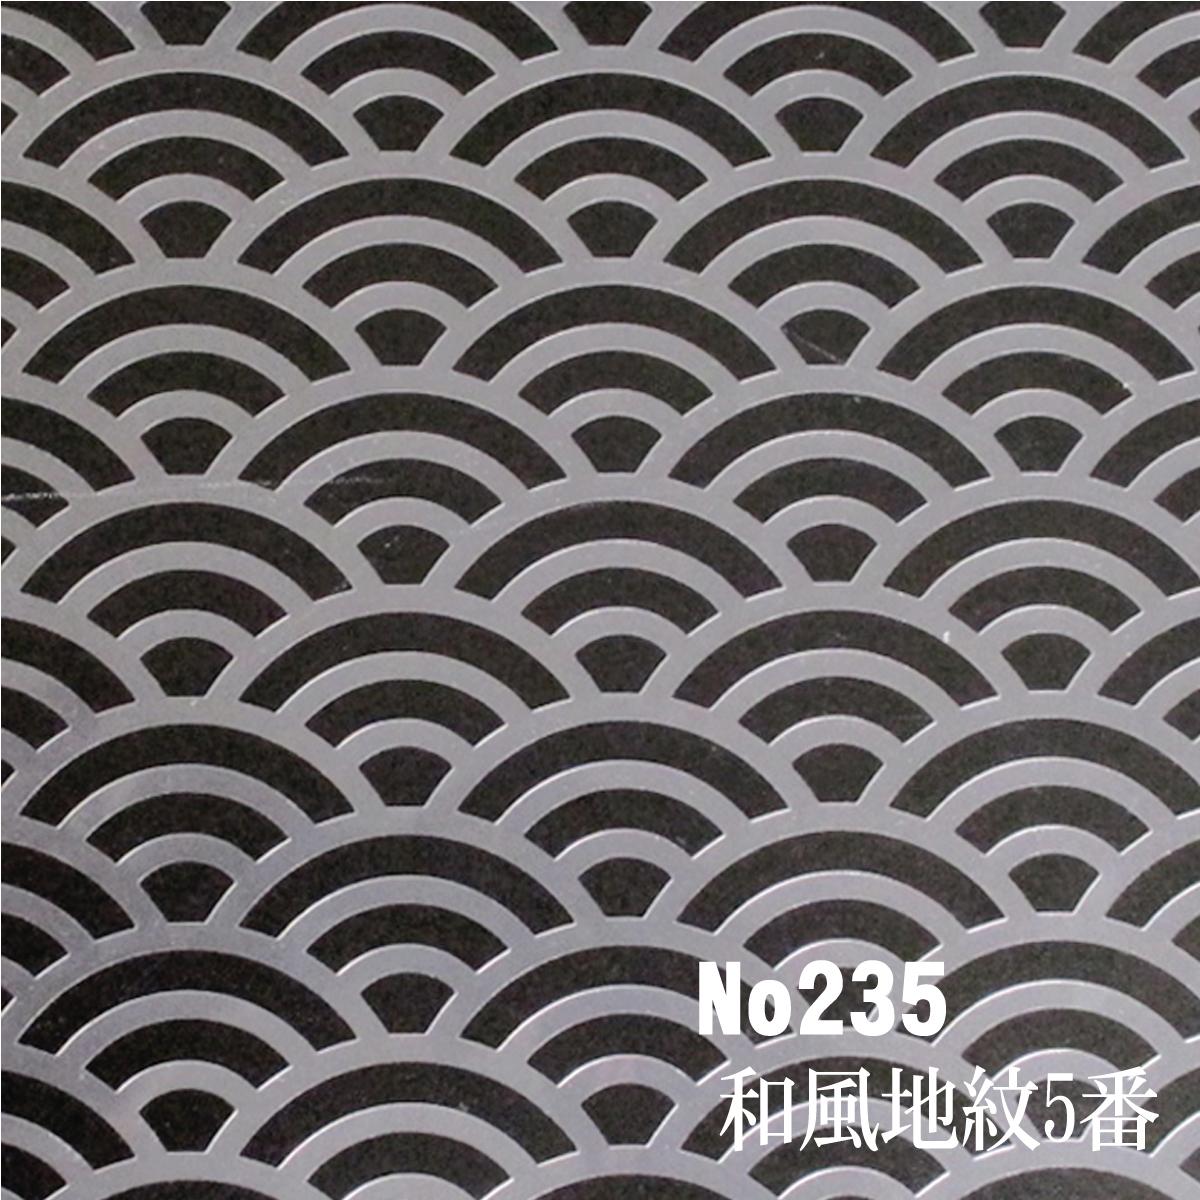 青海波 和風地紋5番 NO235 ステンシルシート 型紙図案_画像1